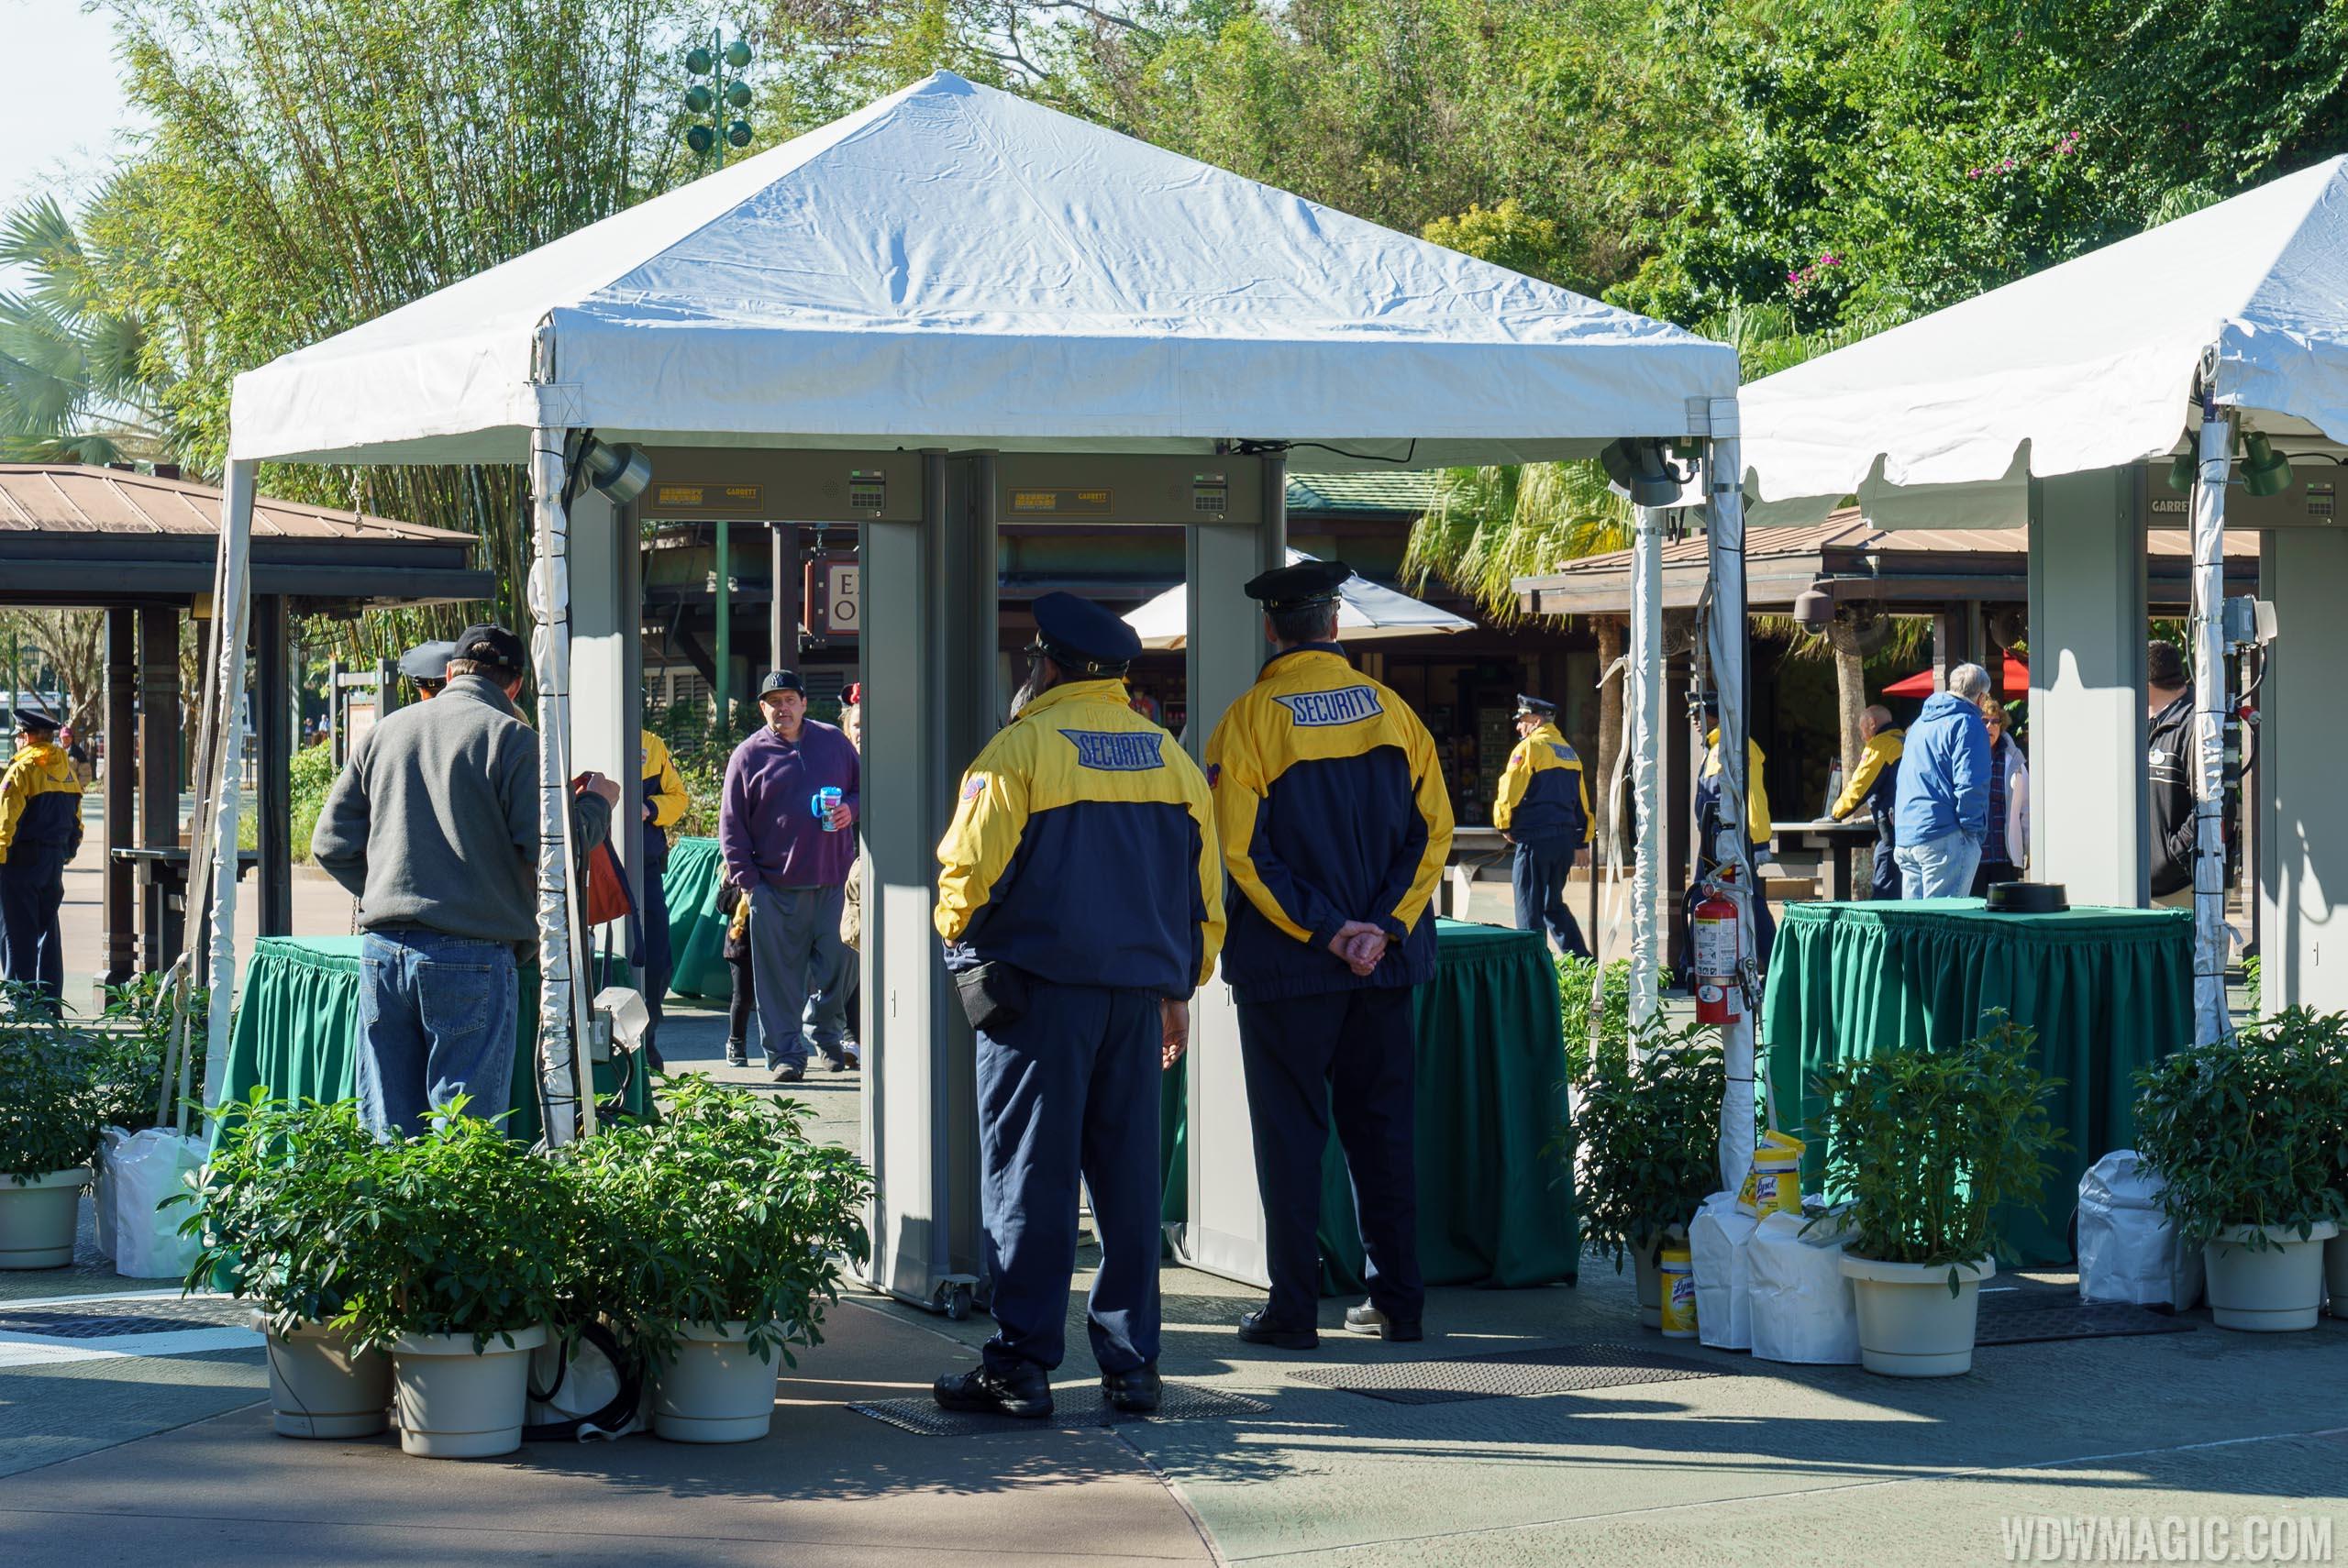 Disney Security operating metal detectors at Disney's Animal Kingdom